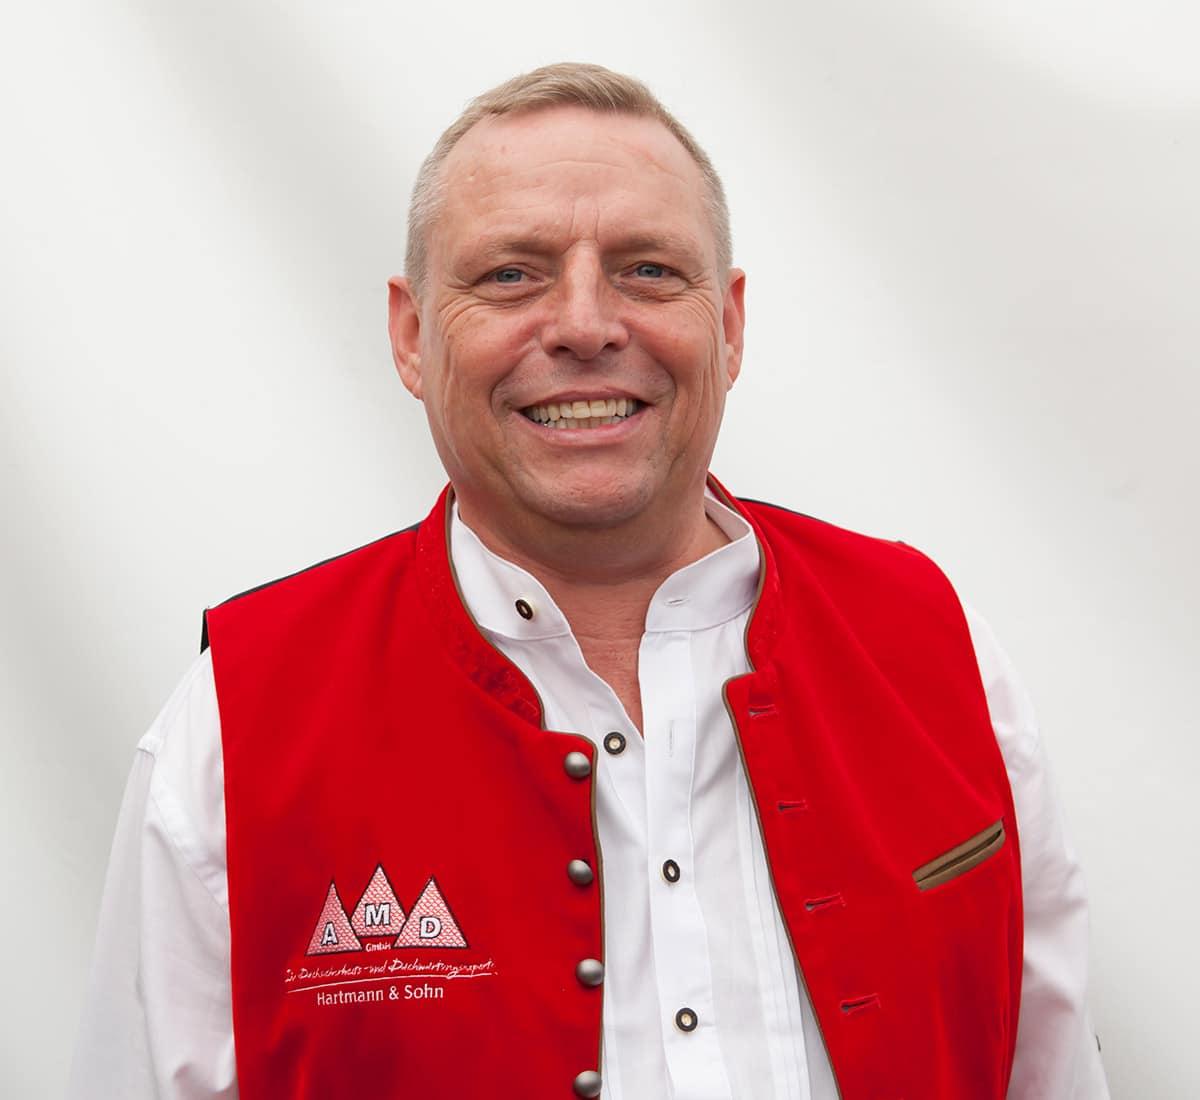 Anton Hartmann Geschäftsführer